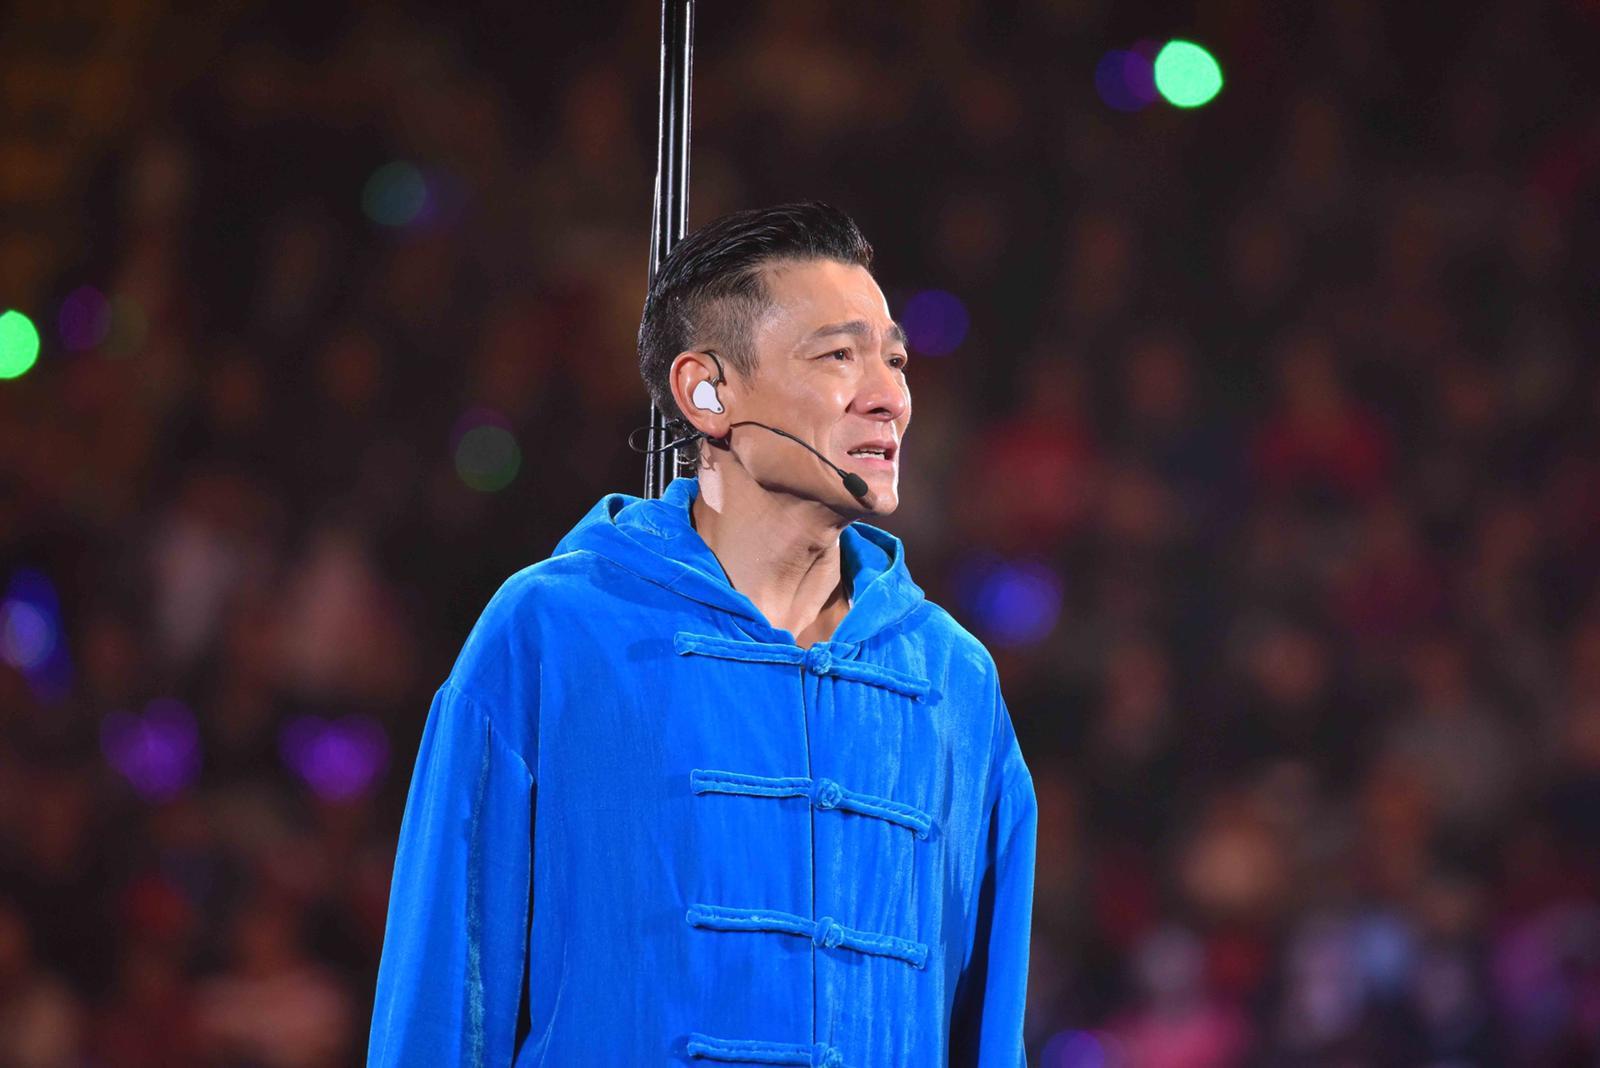 在交代腰斬演唱會時,華仔不停流下男兒淚。